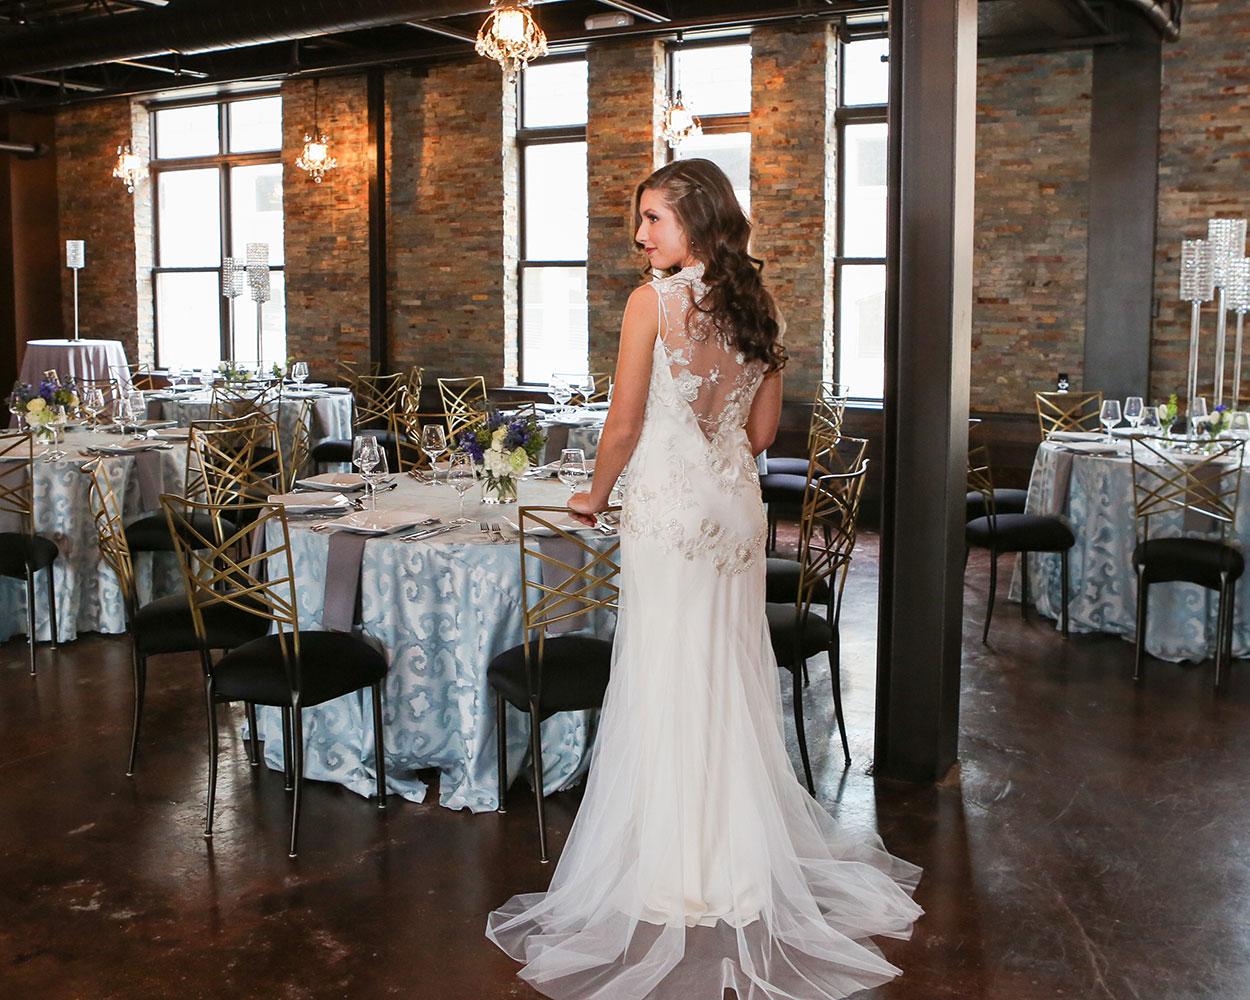 bride in reception room